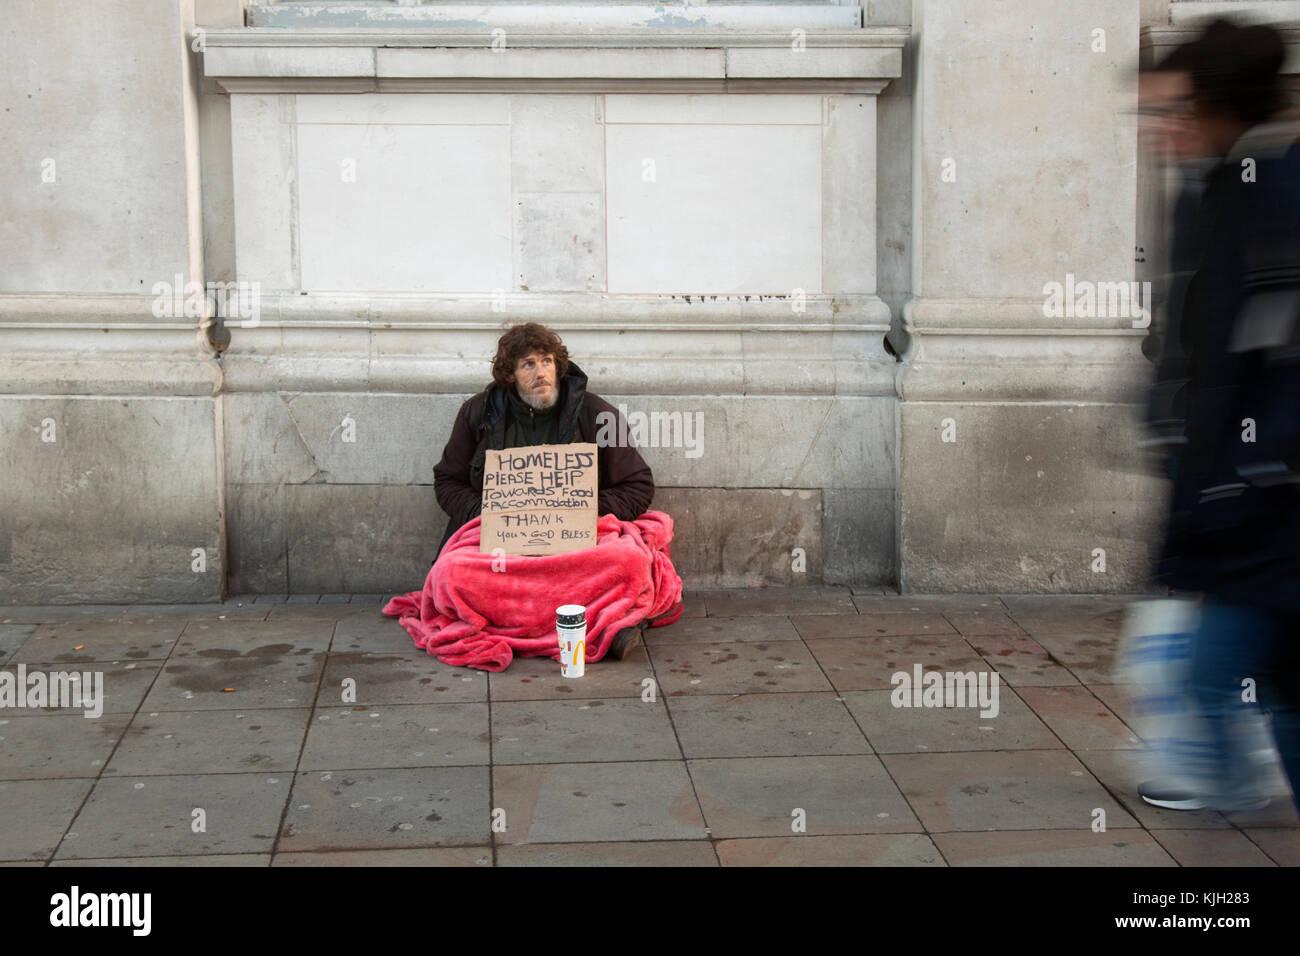 Manchester, Großbritannien. 24 Nov, 2017. Obdachloser mit Karton ...